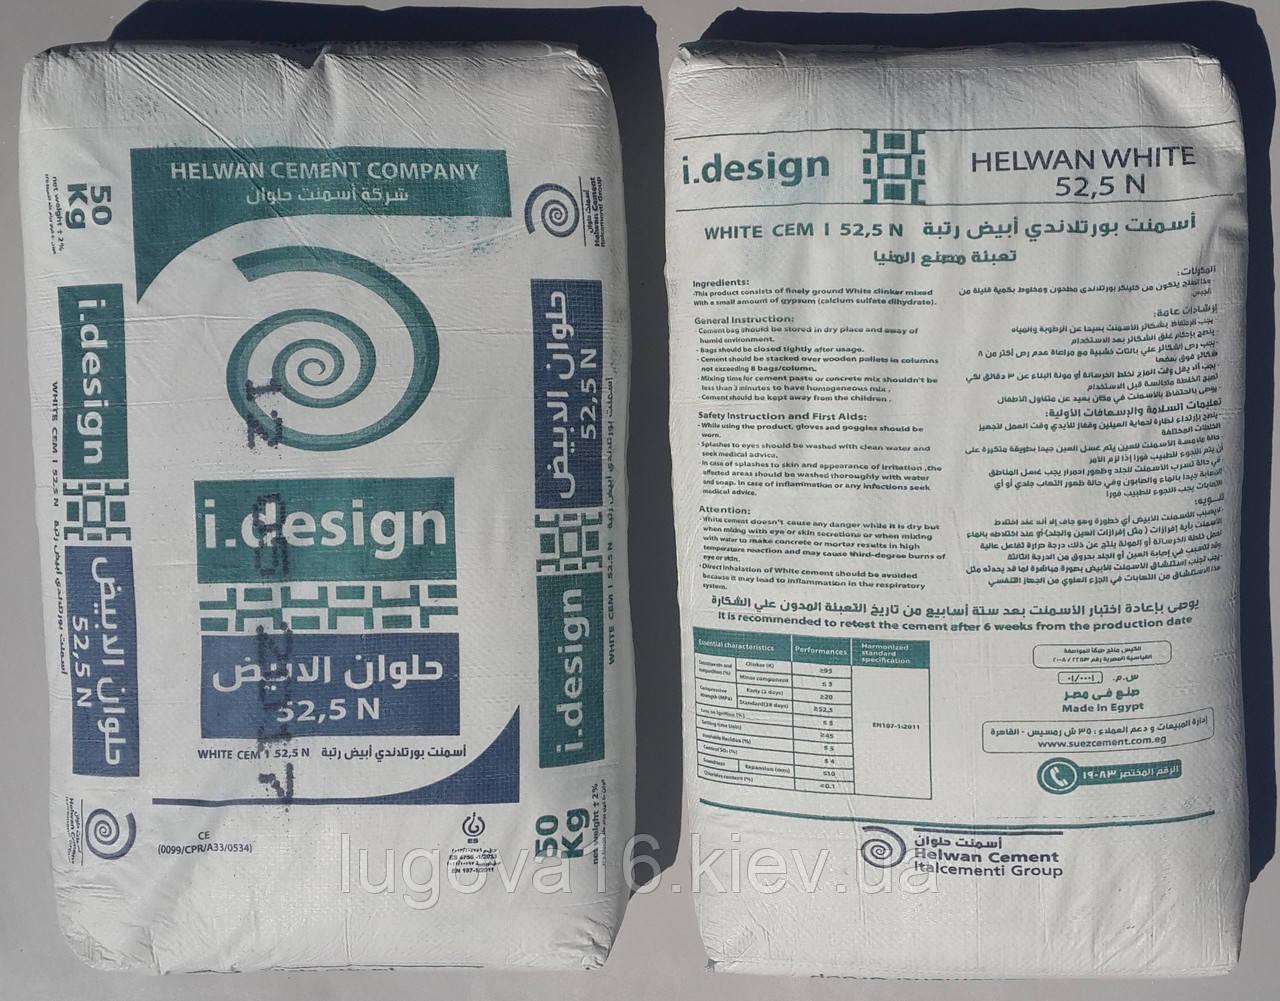 Белый цемент Helwan Cement 52,5N, 50кг, HEIDELBERGCEMENT Group (Egypt)